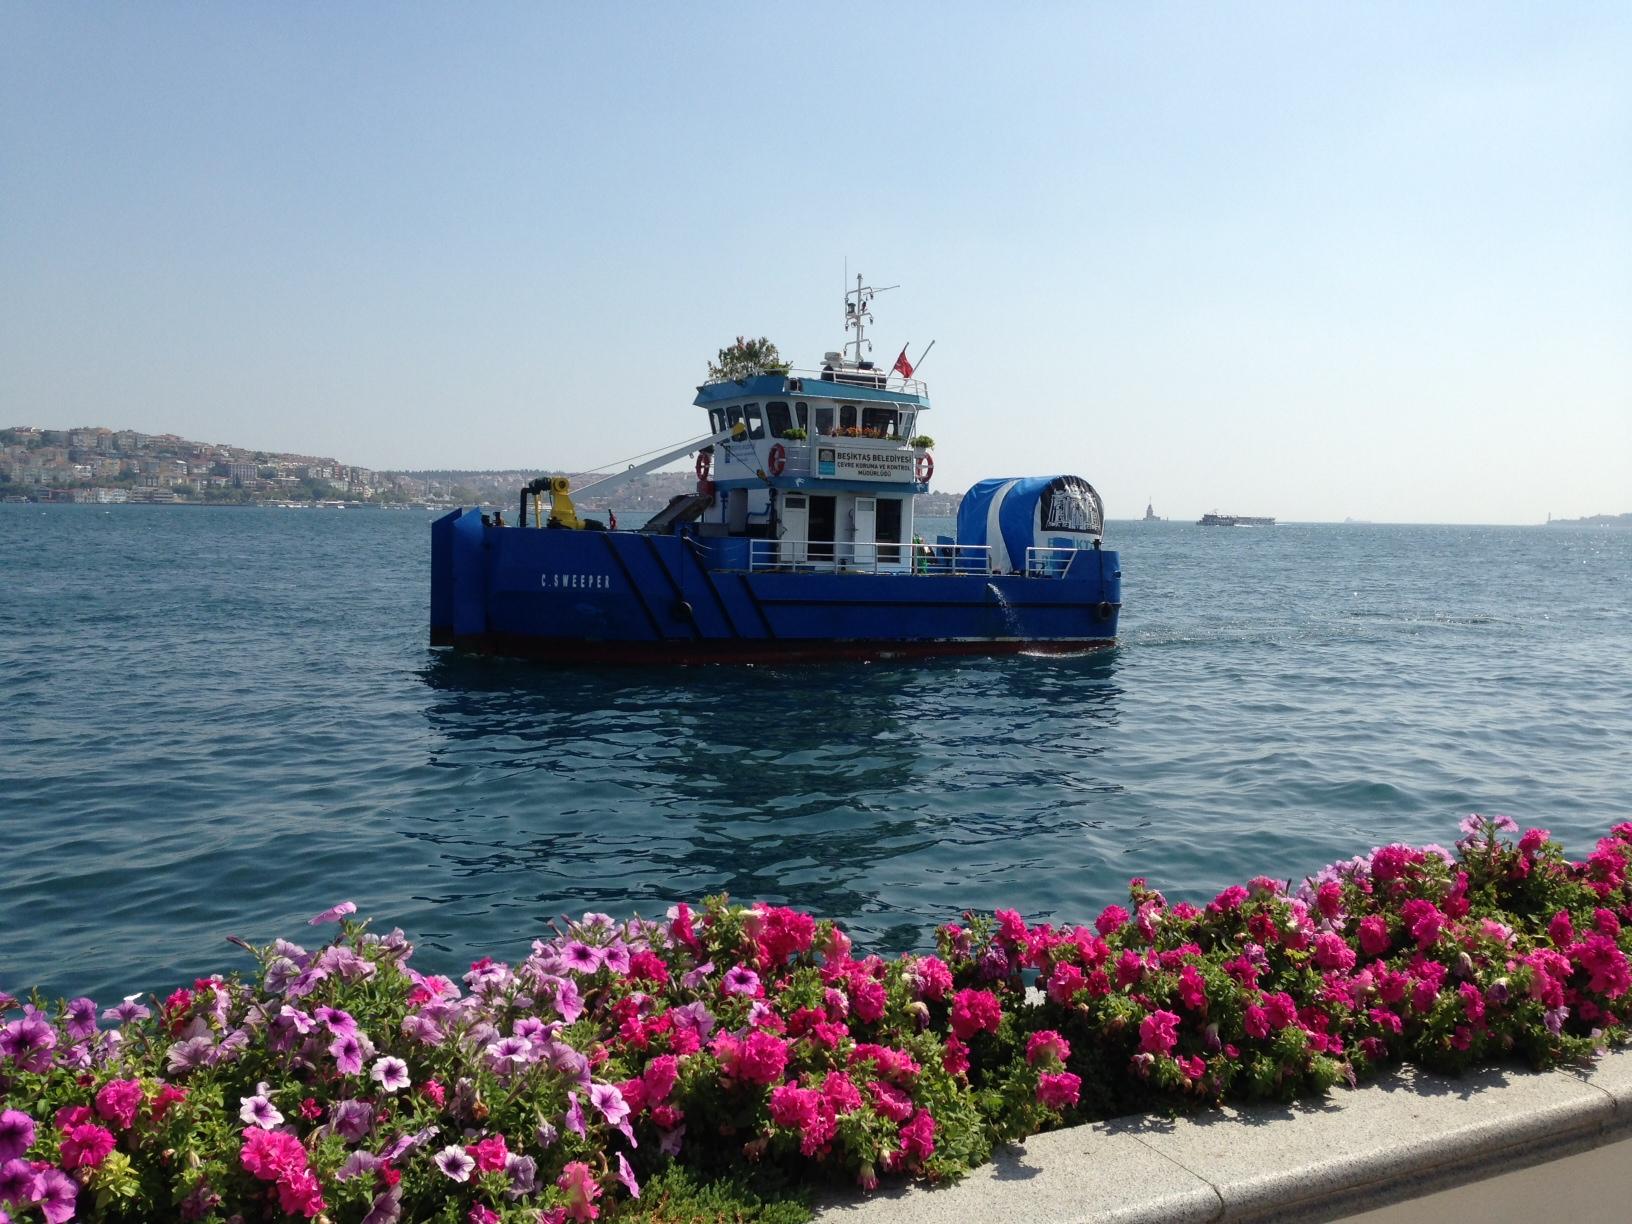 """Bayramda Four Seasons Oteli'nin bahçesinde otururken önümüzden geçen Beşiktaş Belediyesi'nin deniz süpürgesi bizi hayran bıraktı. Öncelikle denizin temiz olmasına özen gösterildiğini bilmek iyi geldi hepimize. Ayrıca """"süpürge""""ye de özenilmiş, çeşit çeşit saksı çiçekleri ile bezenmişti. Benim gibi ilk kez görecek olanlarla paylaşmak istedim."""